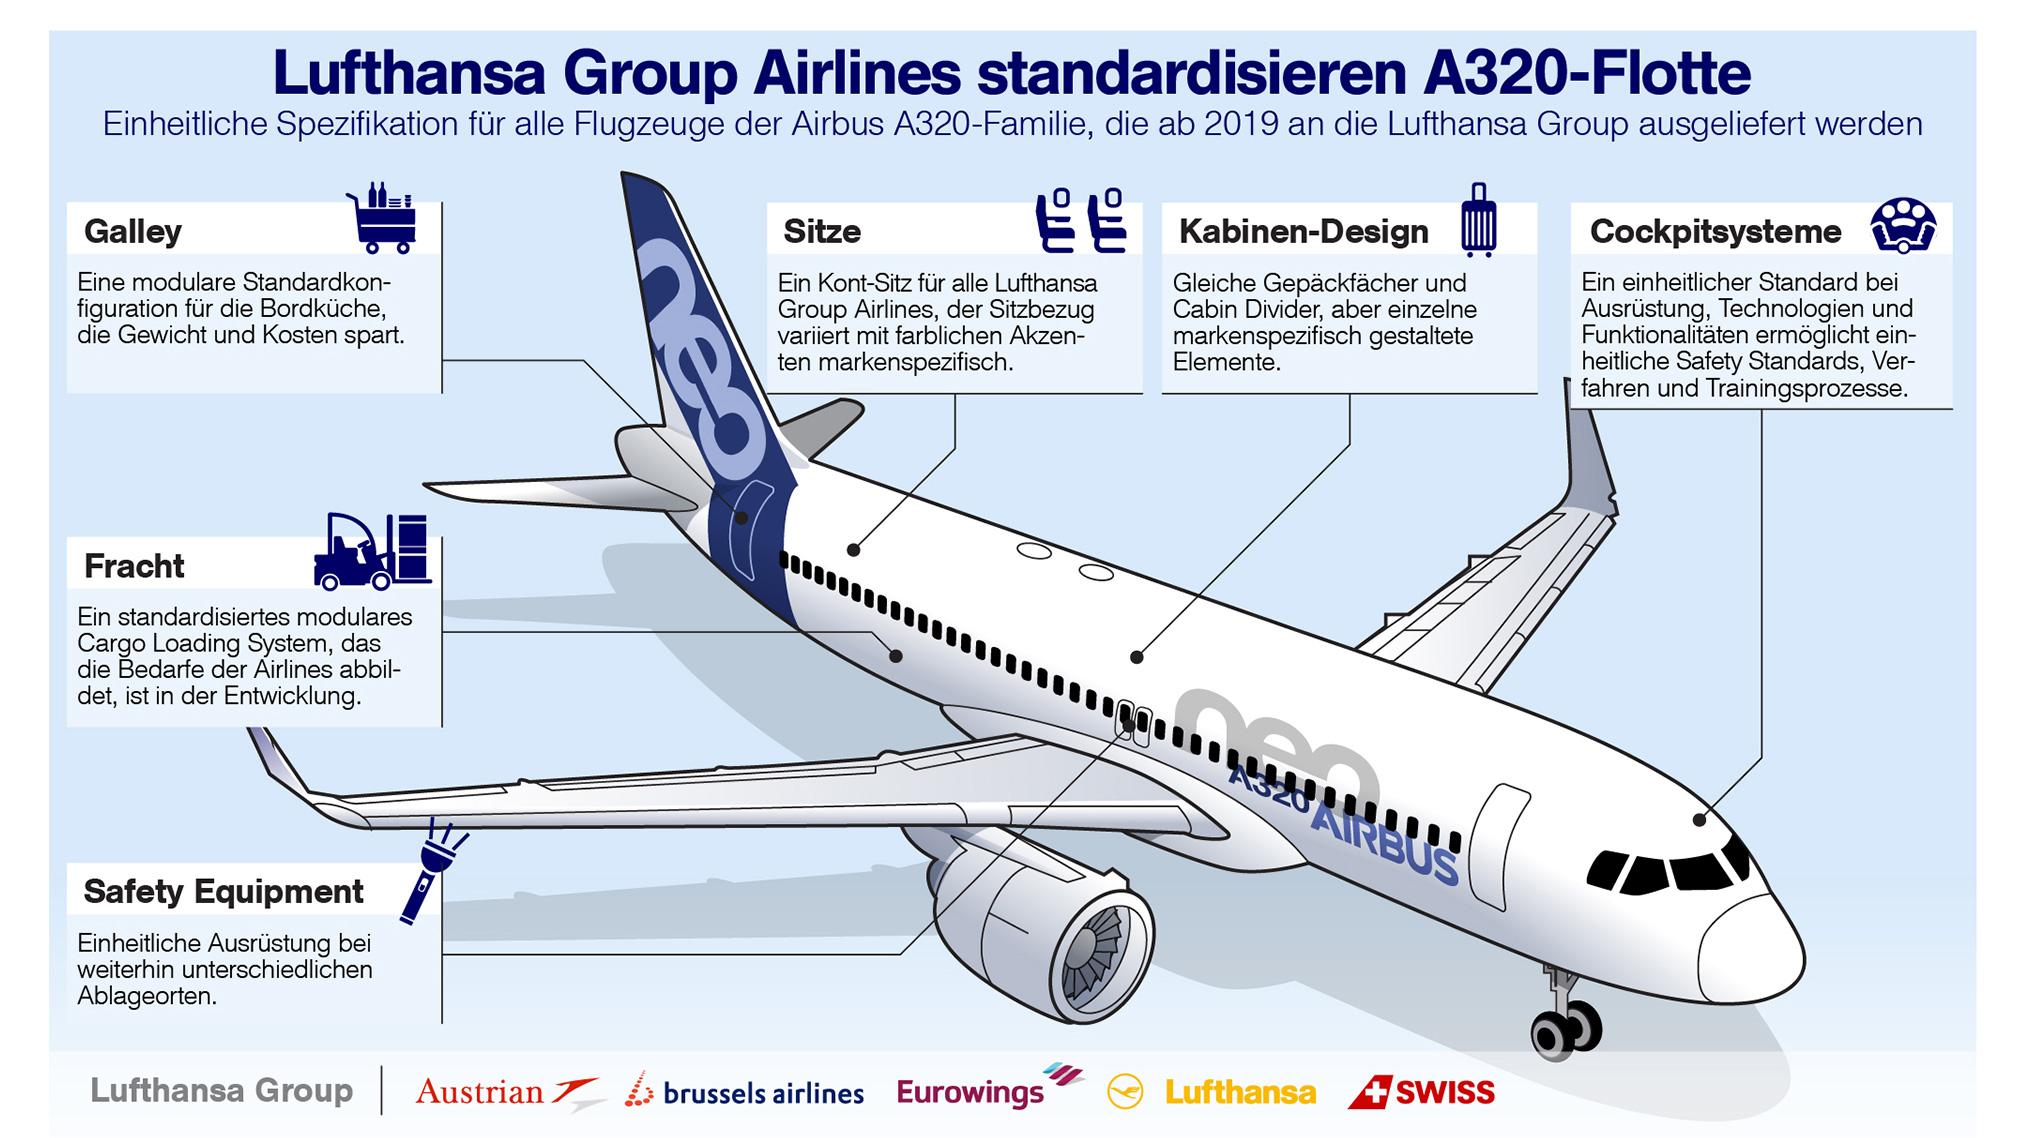 Lufthansa Group vereinheitlicht A320 Flotte